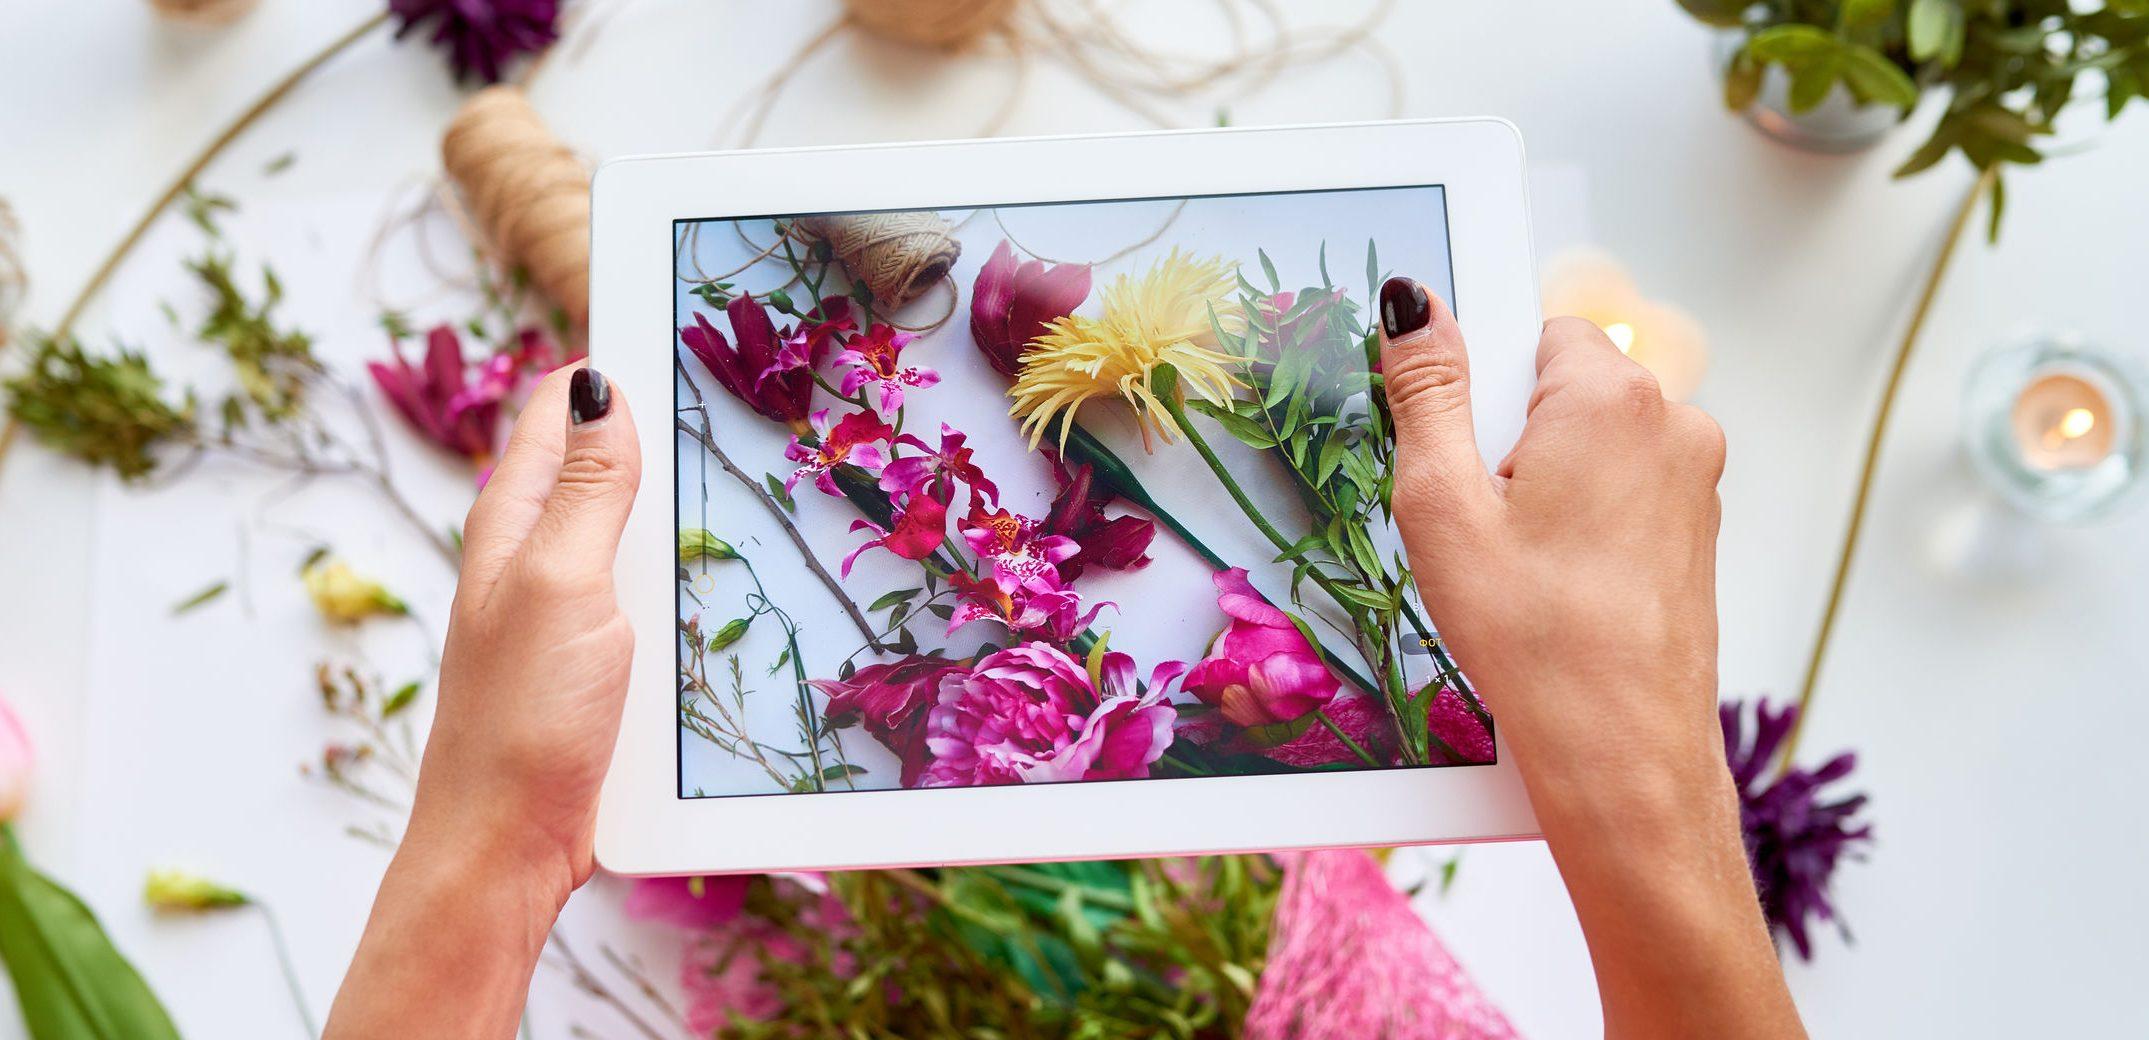 Digitale fotolijst: Wat zijn de beste digitale fotolijsten van 2020?